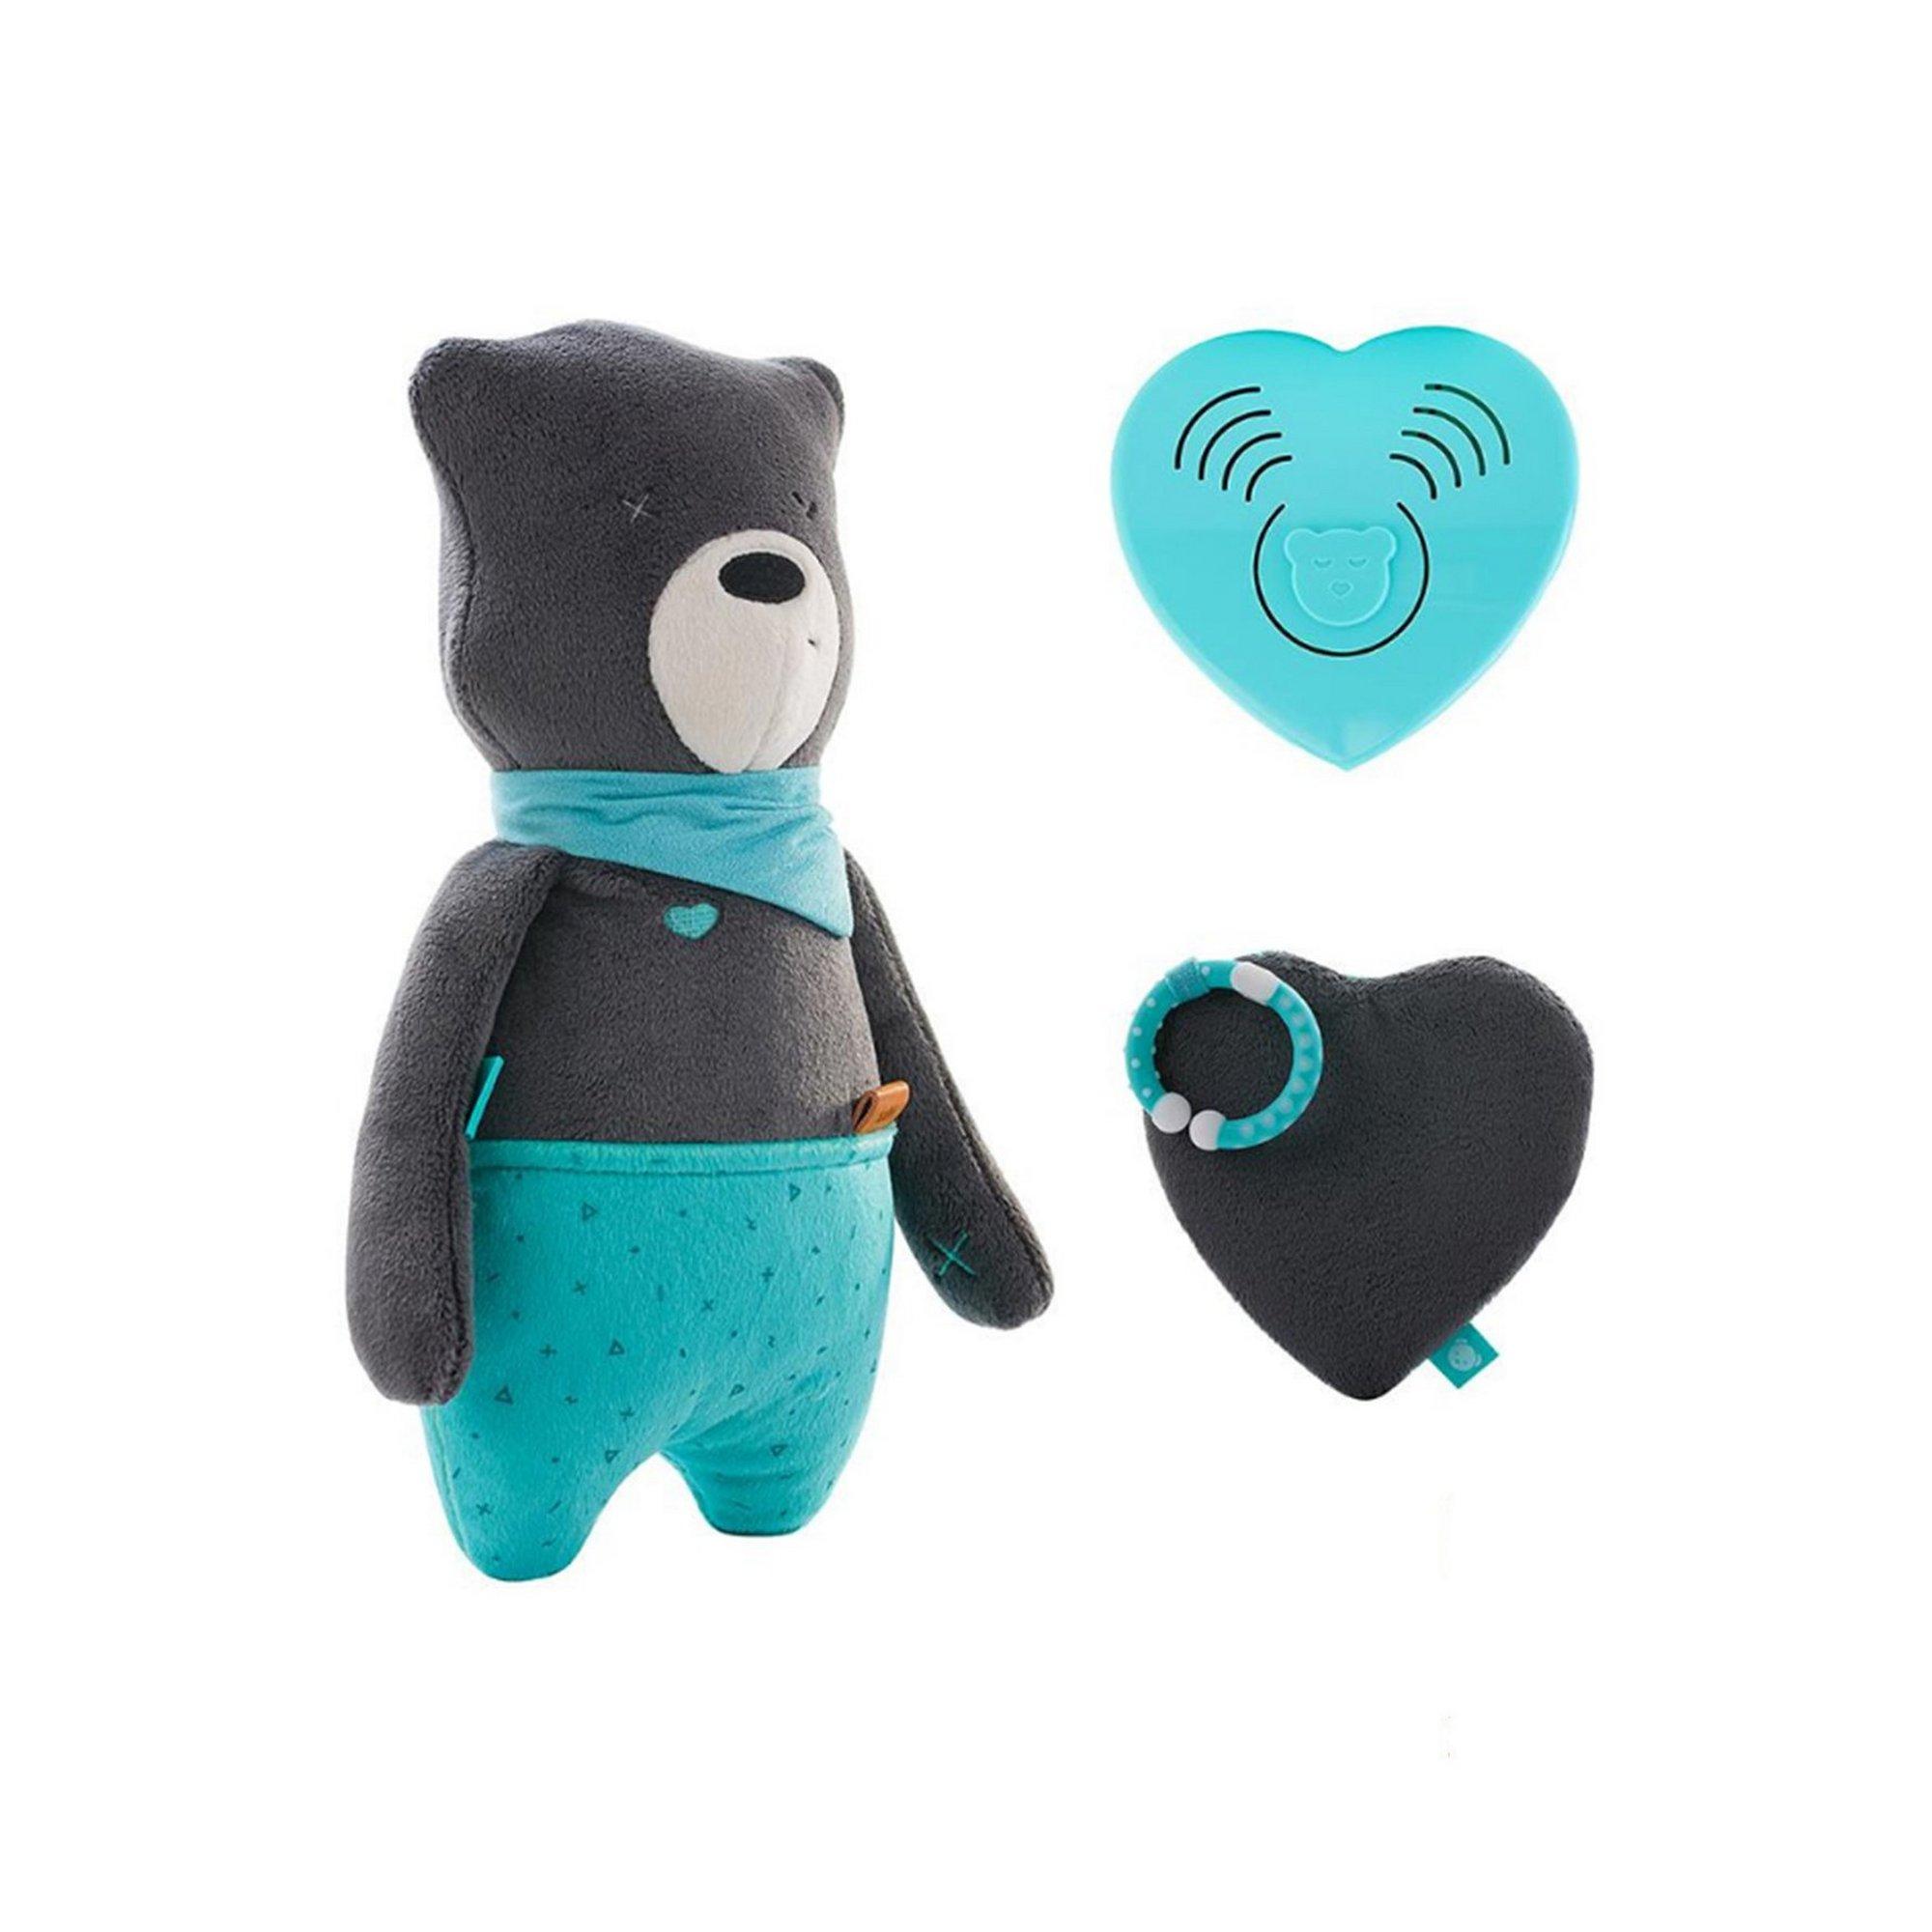 Image of myHummy - Max with Sleep Sensor Sensory Heart